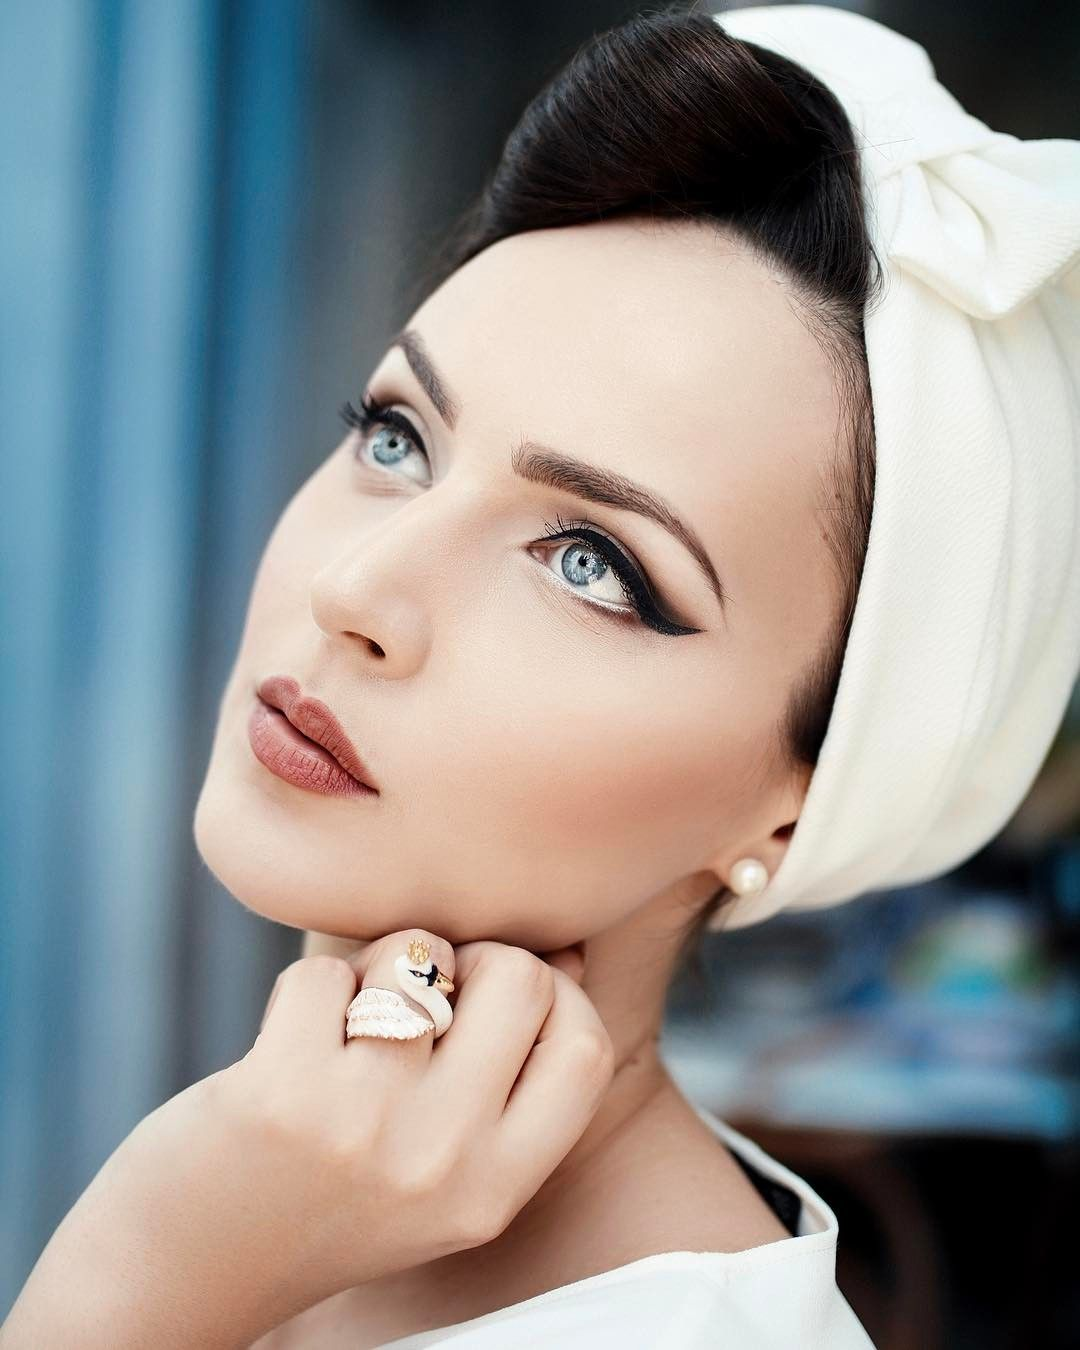 6 385 Likes 70 Comments Idda Van Munster Iddavanmunster On Instagram Wedding Makeup Vintage Vintage Makeup Looks Retro Makeup